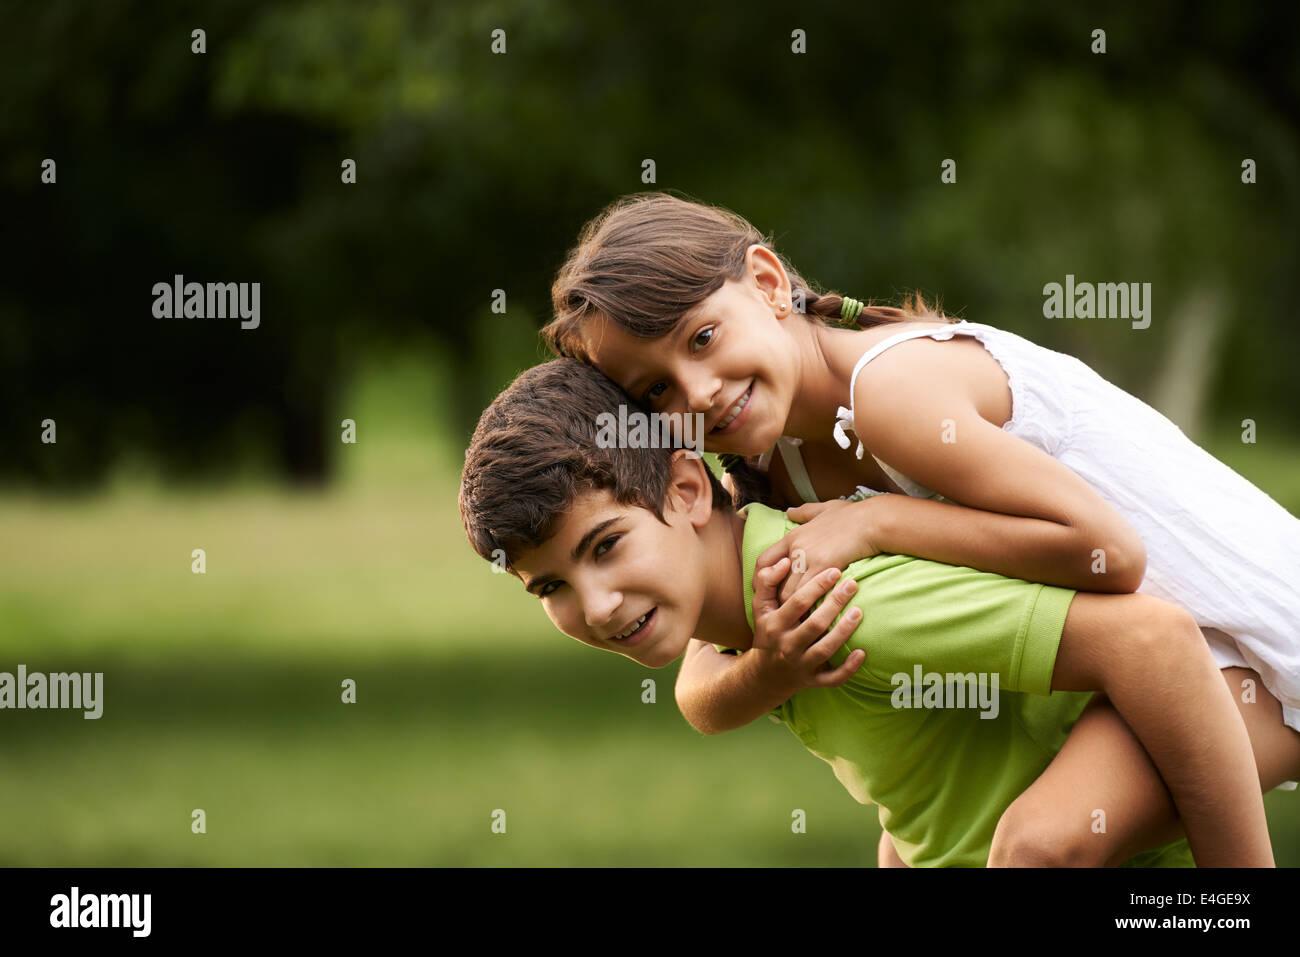 Persone in amore con felice bambina e ragazzo in esecuzione piggyback nel parco della città. Spazio di copia Immagini Stock